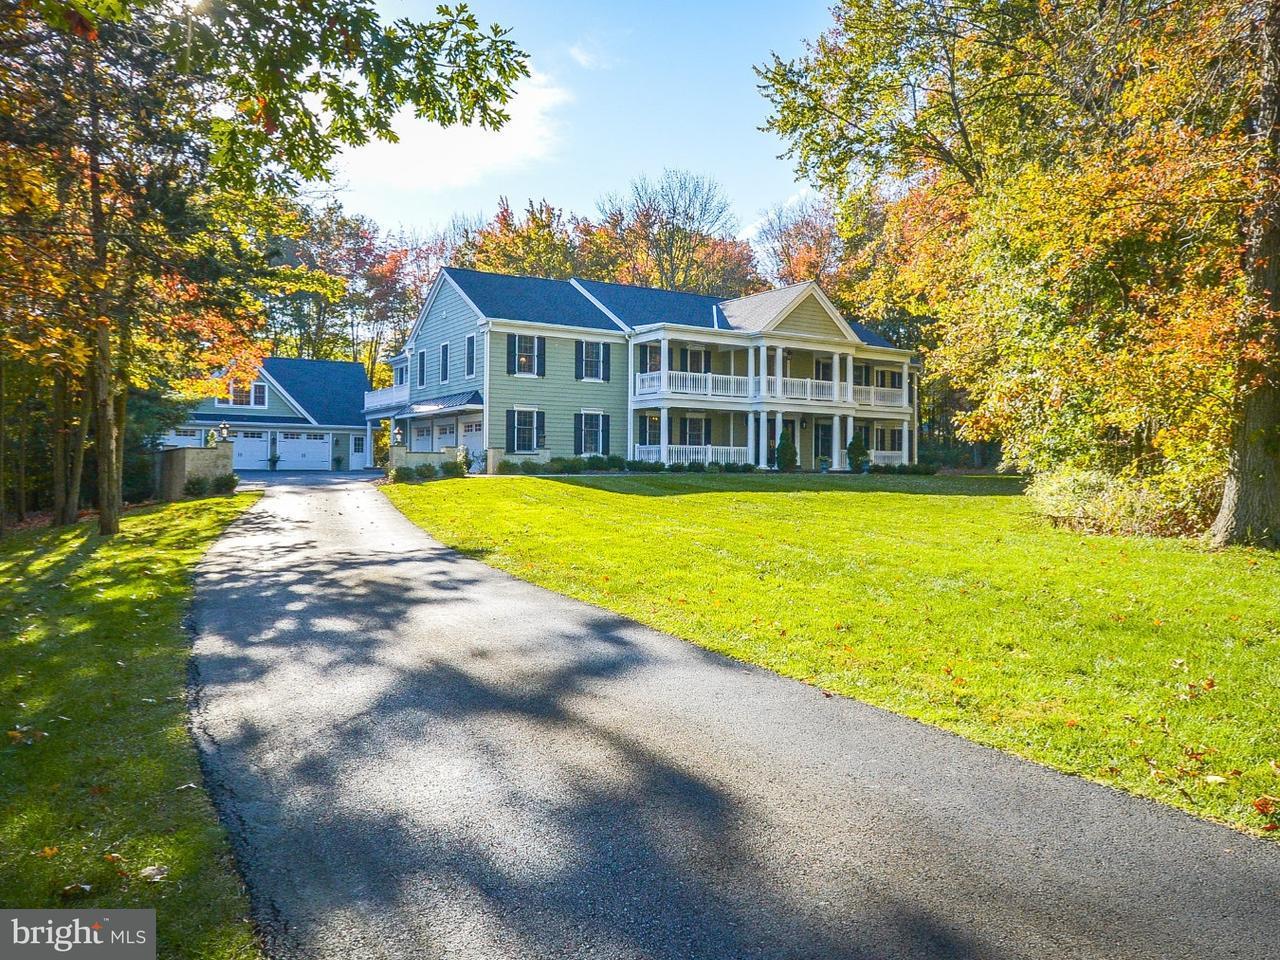 Maison unifamiliale pour l Vente à 1622 STONINGTON Circle North Wales, Pennsylvanie 19454 États-Unis